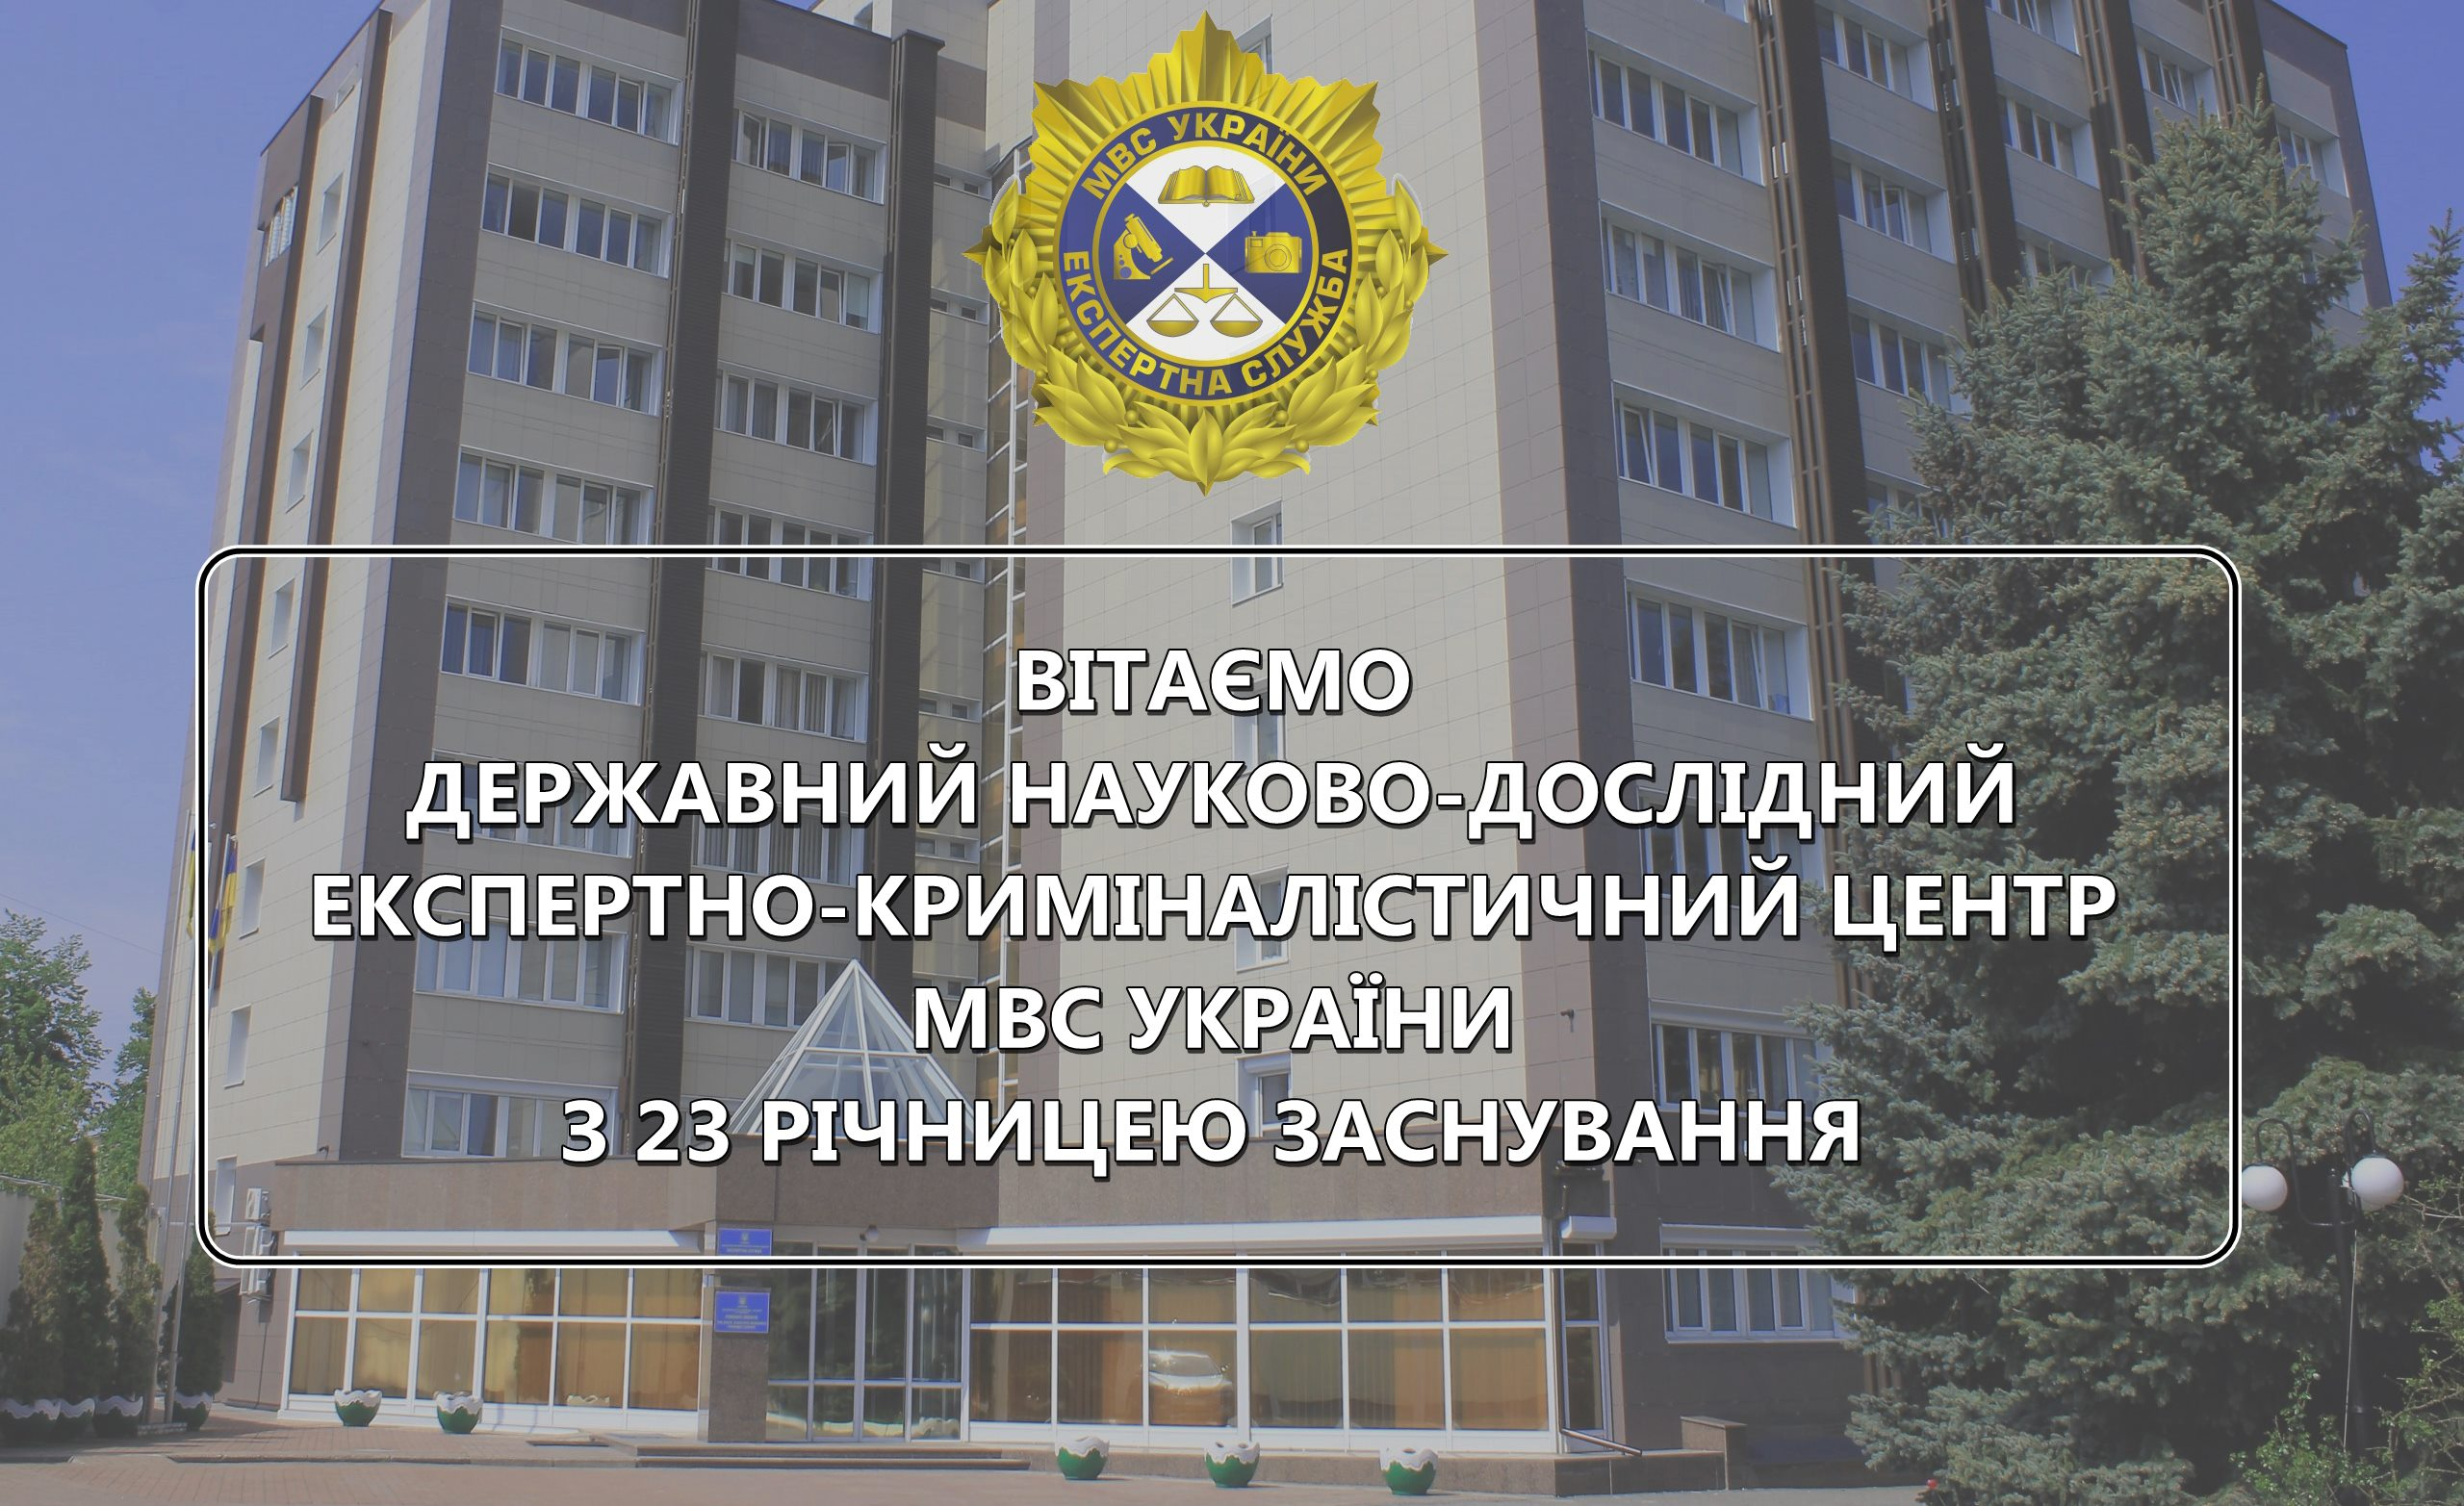 З днем заснування Державного науково-дослідного експертно-криміналістичного центру МВС України!